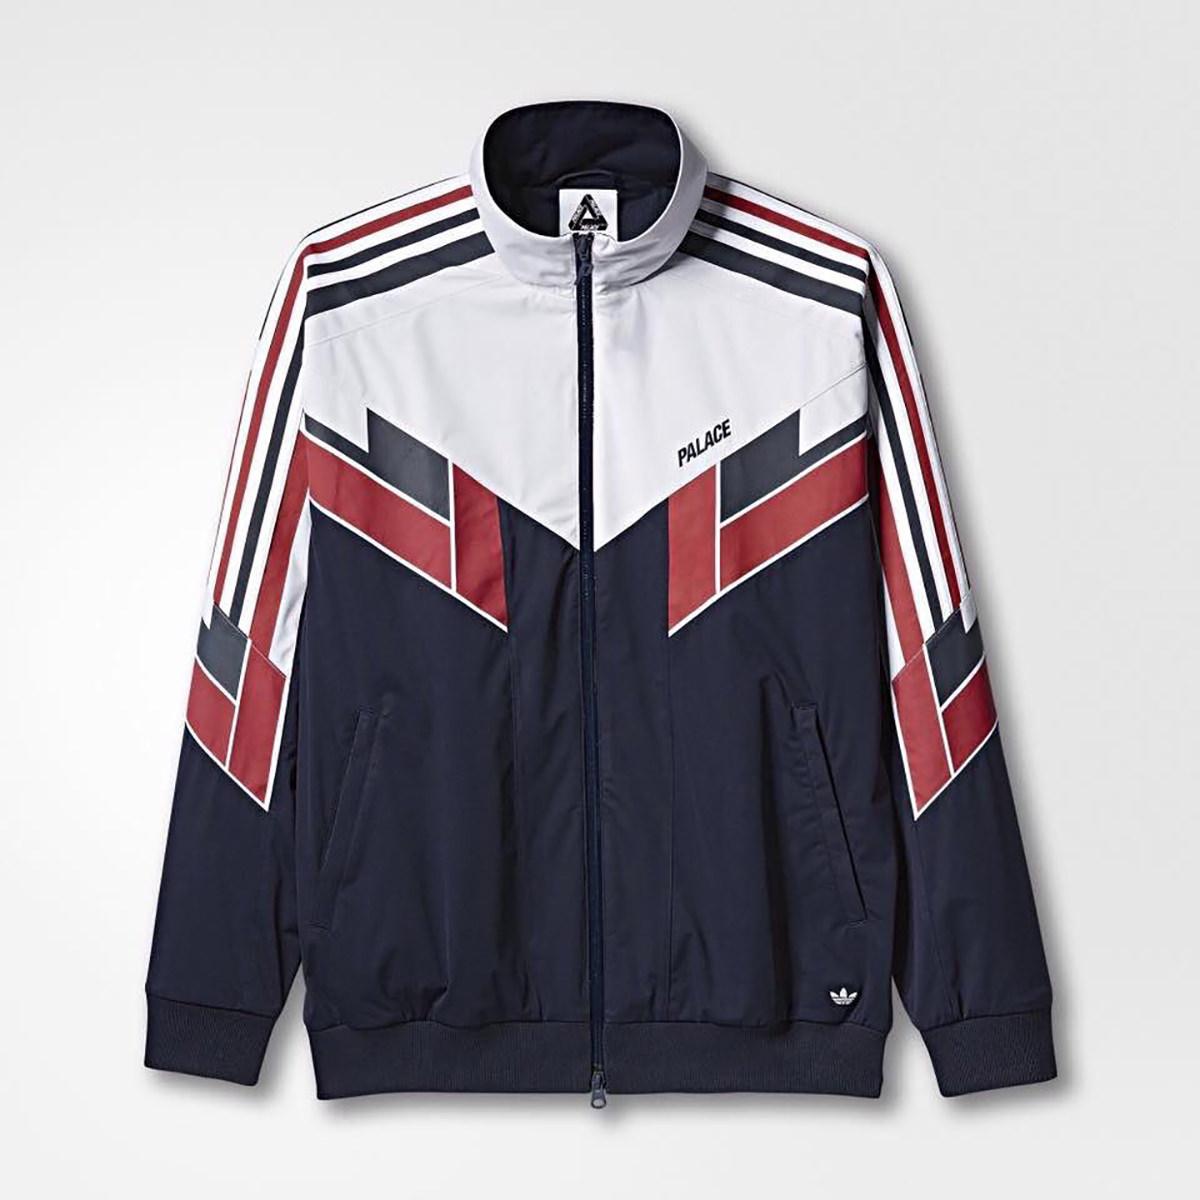 581e8e0e9ee306e065338cbb_palace-adidas-originals-2016fw-6